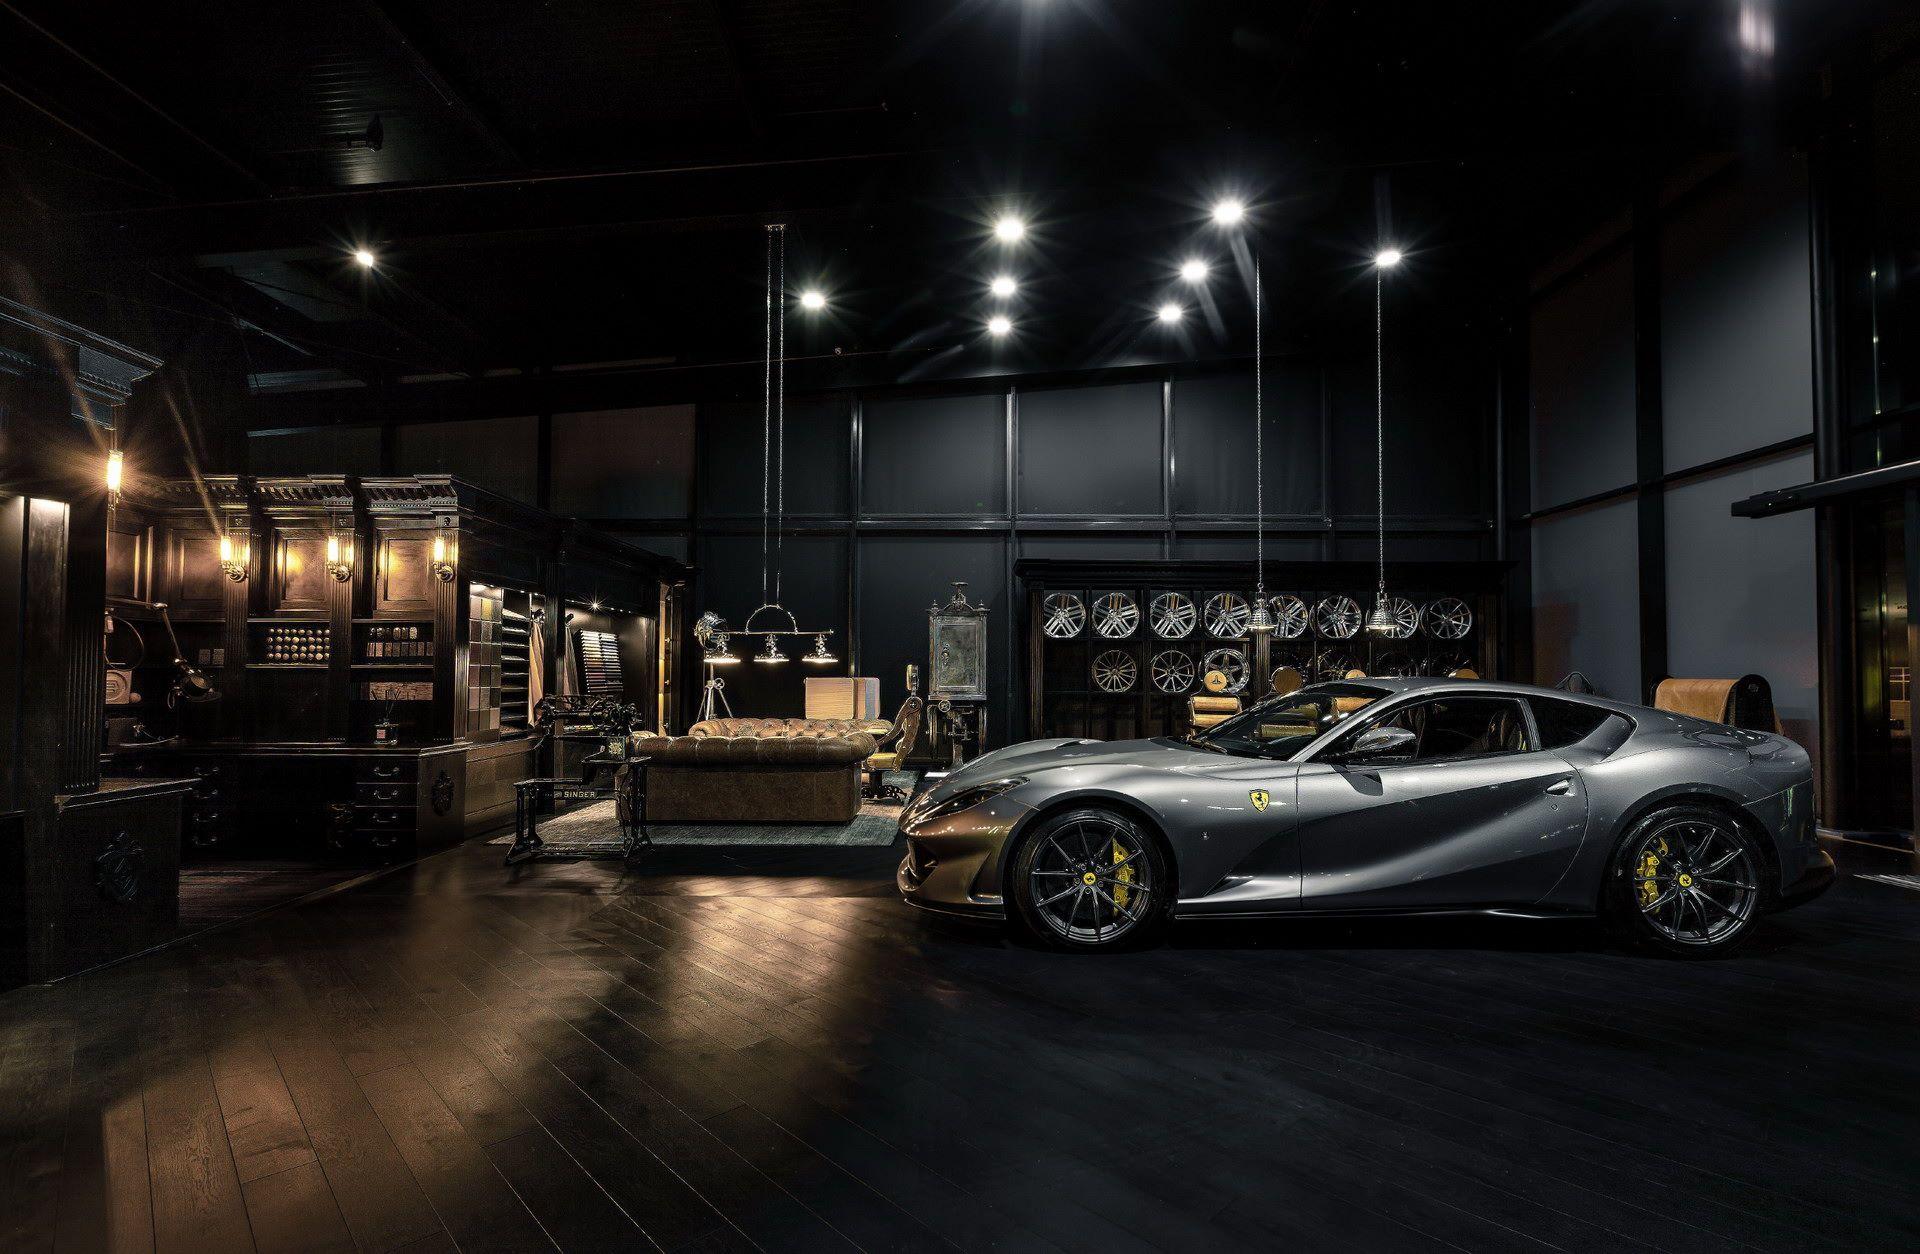 Ferrari-812-Superfast-by-Carlex-Design-2